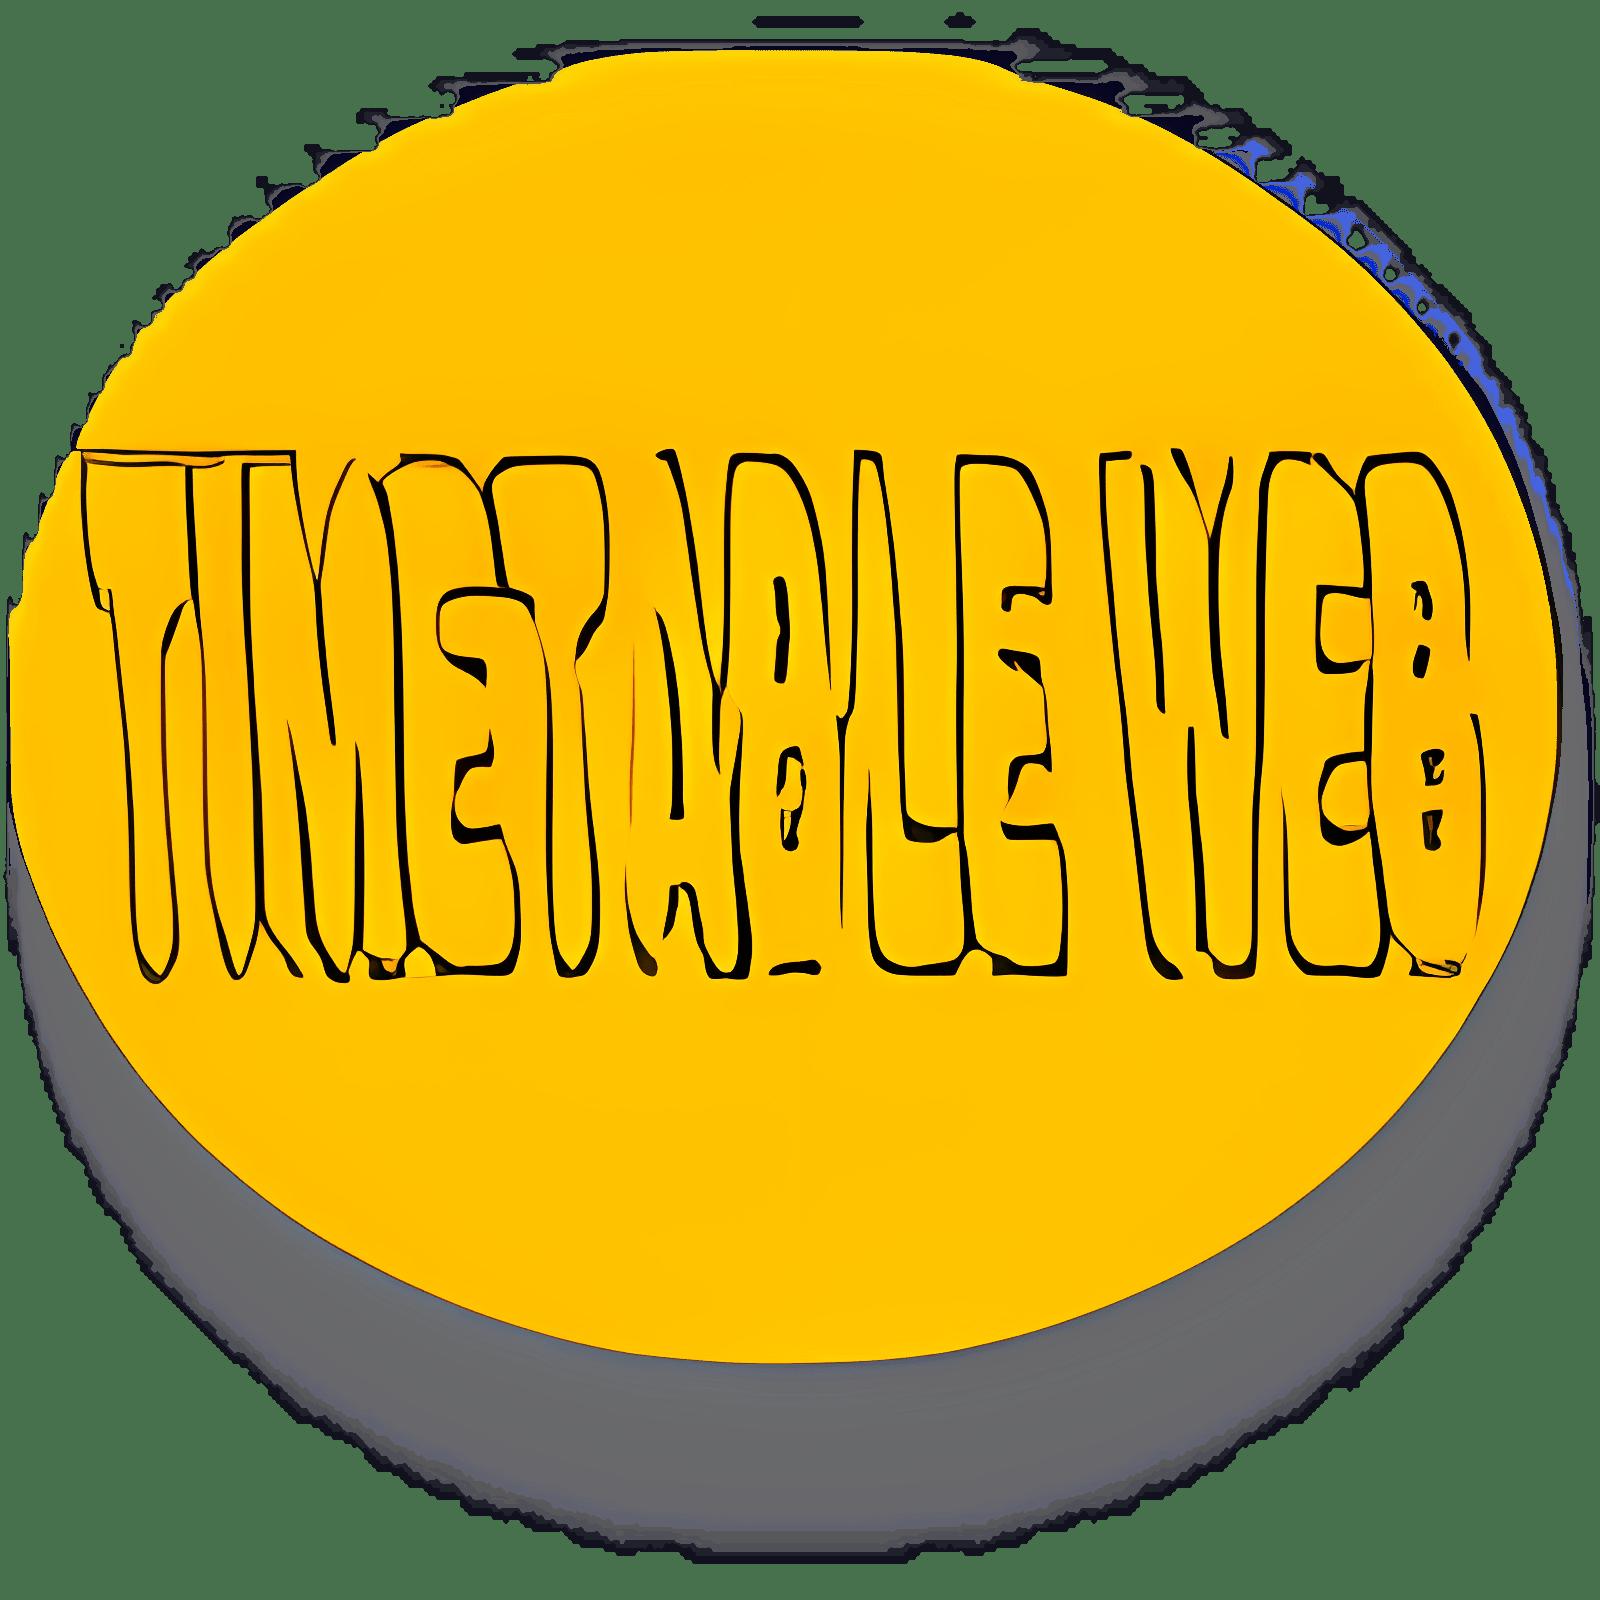 timetableweb 2